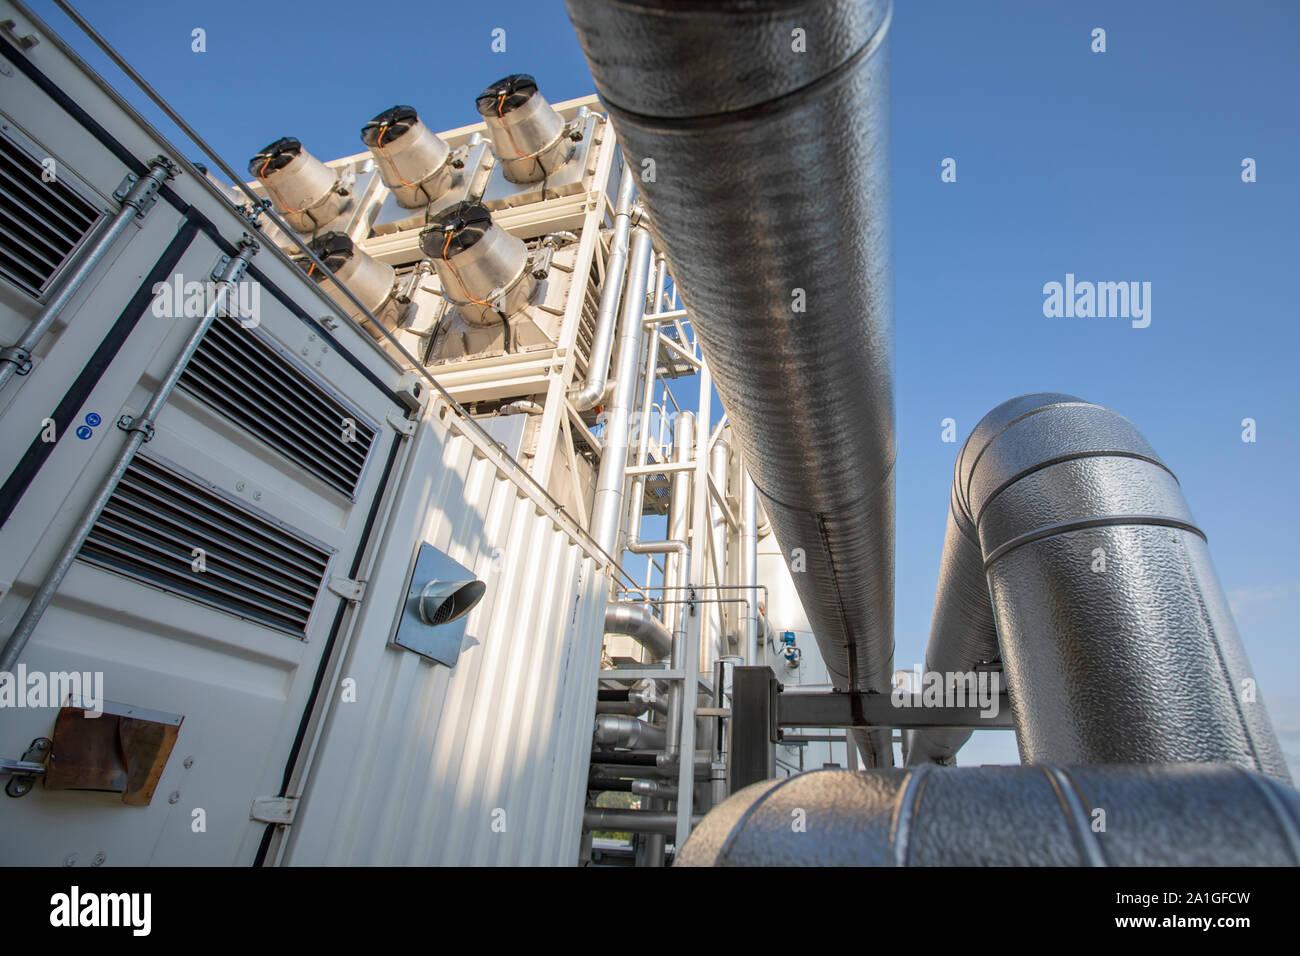 L'entreprise suisse Climeworks exécutent 30 CAD - Direct - Captage de l'air ventilateurs sur le toit de cet incinérateur d'ordures à Hinwil en dehors de Zurich. Fondée en 2009 par Christoph Gebald et Jan Wurzbacher, l'entreprise a commercialisé l'unité de capture de carbone modulaire, chacun est capable de pomper jusqu'à 135 kilo de CO2 de l'air tous les jours. Le processus est exigeant, l'énergie et les unités dans Hilwil Obtenez la puissance de l'incinérateur. En retour, le CO2 est pompé à serres voisines d'accellerate la production de tomates et concombres. Banque D'Images